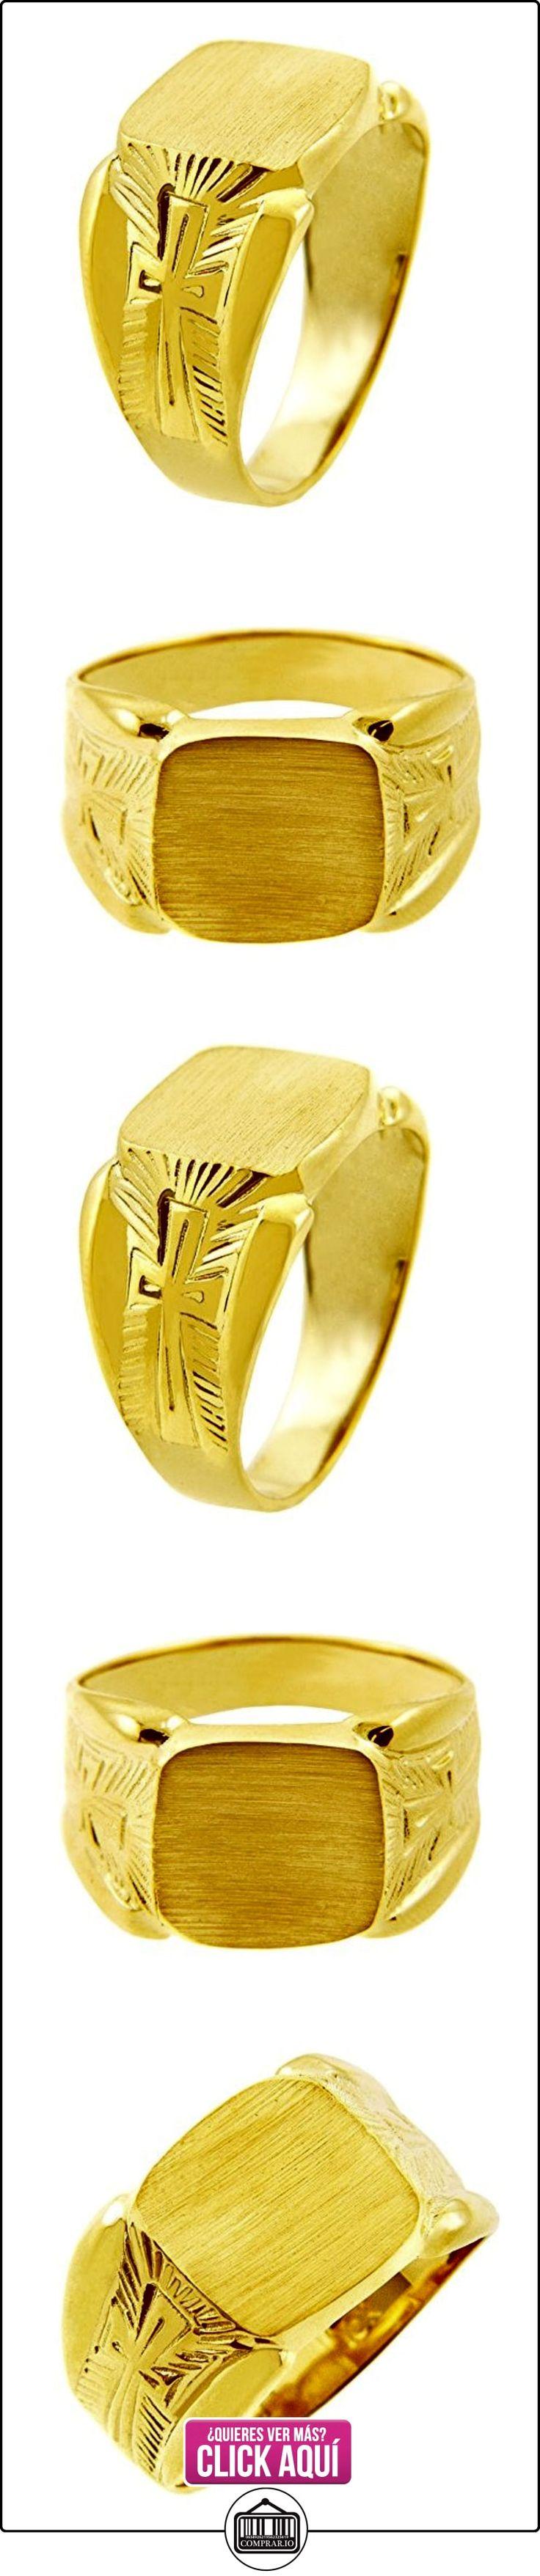 Pequeños Tesoros - Anillos Hombres Alianza De Boda 10 Kt Oro 471/1000 Sortija De sello  ✿ Joyas para hombres especiales - lujo ✿ ▬► Ver oferta: http://comprar.io/goto/B012783FT0